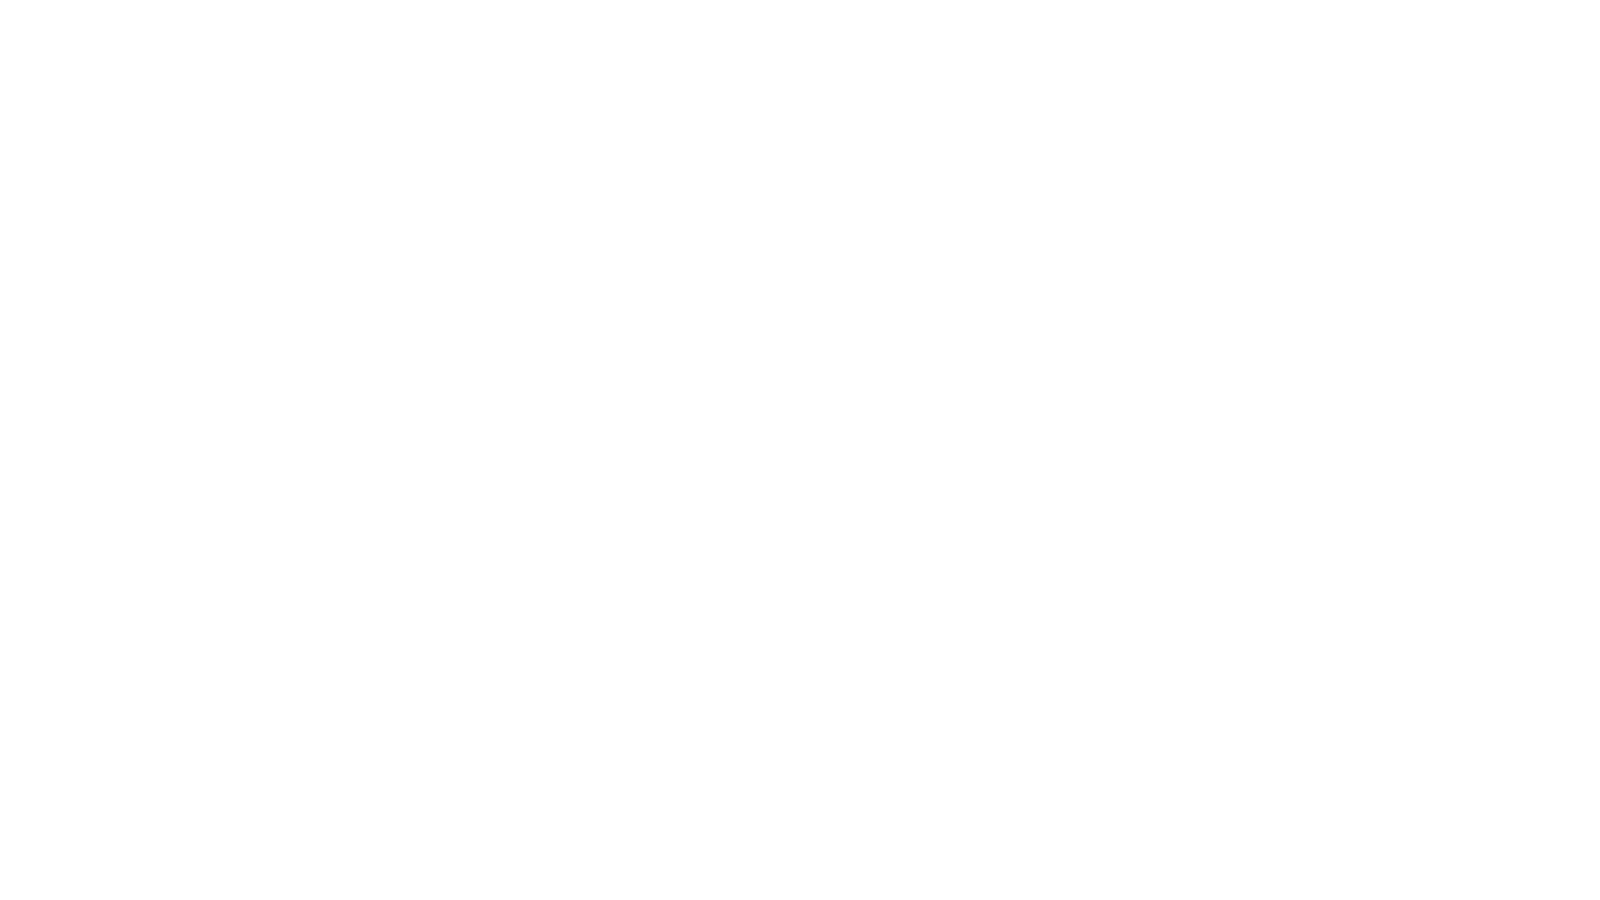 """Il Webinar """"Sviluppa relazioni lavorative di successo"""" si rivolge a chi, come te, affronta quotidianamente sfide professionali all'interno di una società complessa, volatile e imprevedibile, e sa bene come solide relazioni lavorative facilitino il raggiungimento degli obiettivi professionali.  Davanti alle crisi, ai momenti di radicale cambiamento, nel gestire l'imprevedibilità del mercato, squadre coese dalle solide relazioni, hanno dimostrato di avere molte più possibilità di riuscita.  Inoltre, lo sviluppo di buone relazioni aiuta l'edificazione di un ambiente sereno, che aiuta il professionista a sentirsi supportato, incrementando il senso di appartenenza, la condivisione di responsabilità e impegno.  La capacità di costruire relazioni lavorative di successo si può allenare. Forma Mentis è impegnata da anni nell'aiutare i propri clienti a consapevolizzare le dinamiche relazionali in azienda, incrementando quelle funzionali e agendo su quelle disfunzionali. Scopri quali sono le maggiori sfide per costruire relazioni lavorative di successo e dove impiegare le tue risorse per renderle preziose alleate nel tuo successo professionale."""